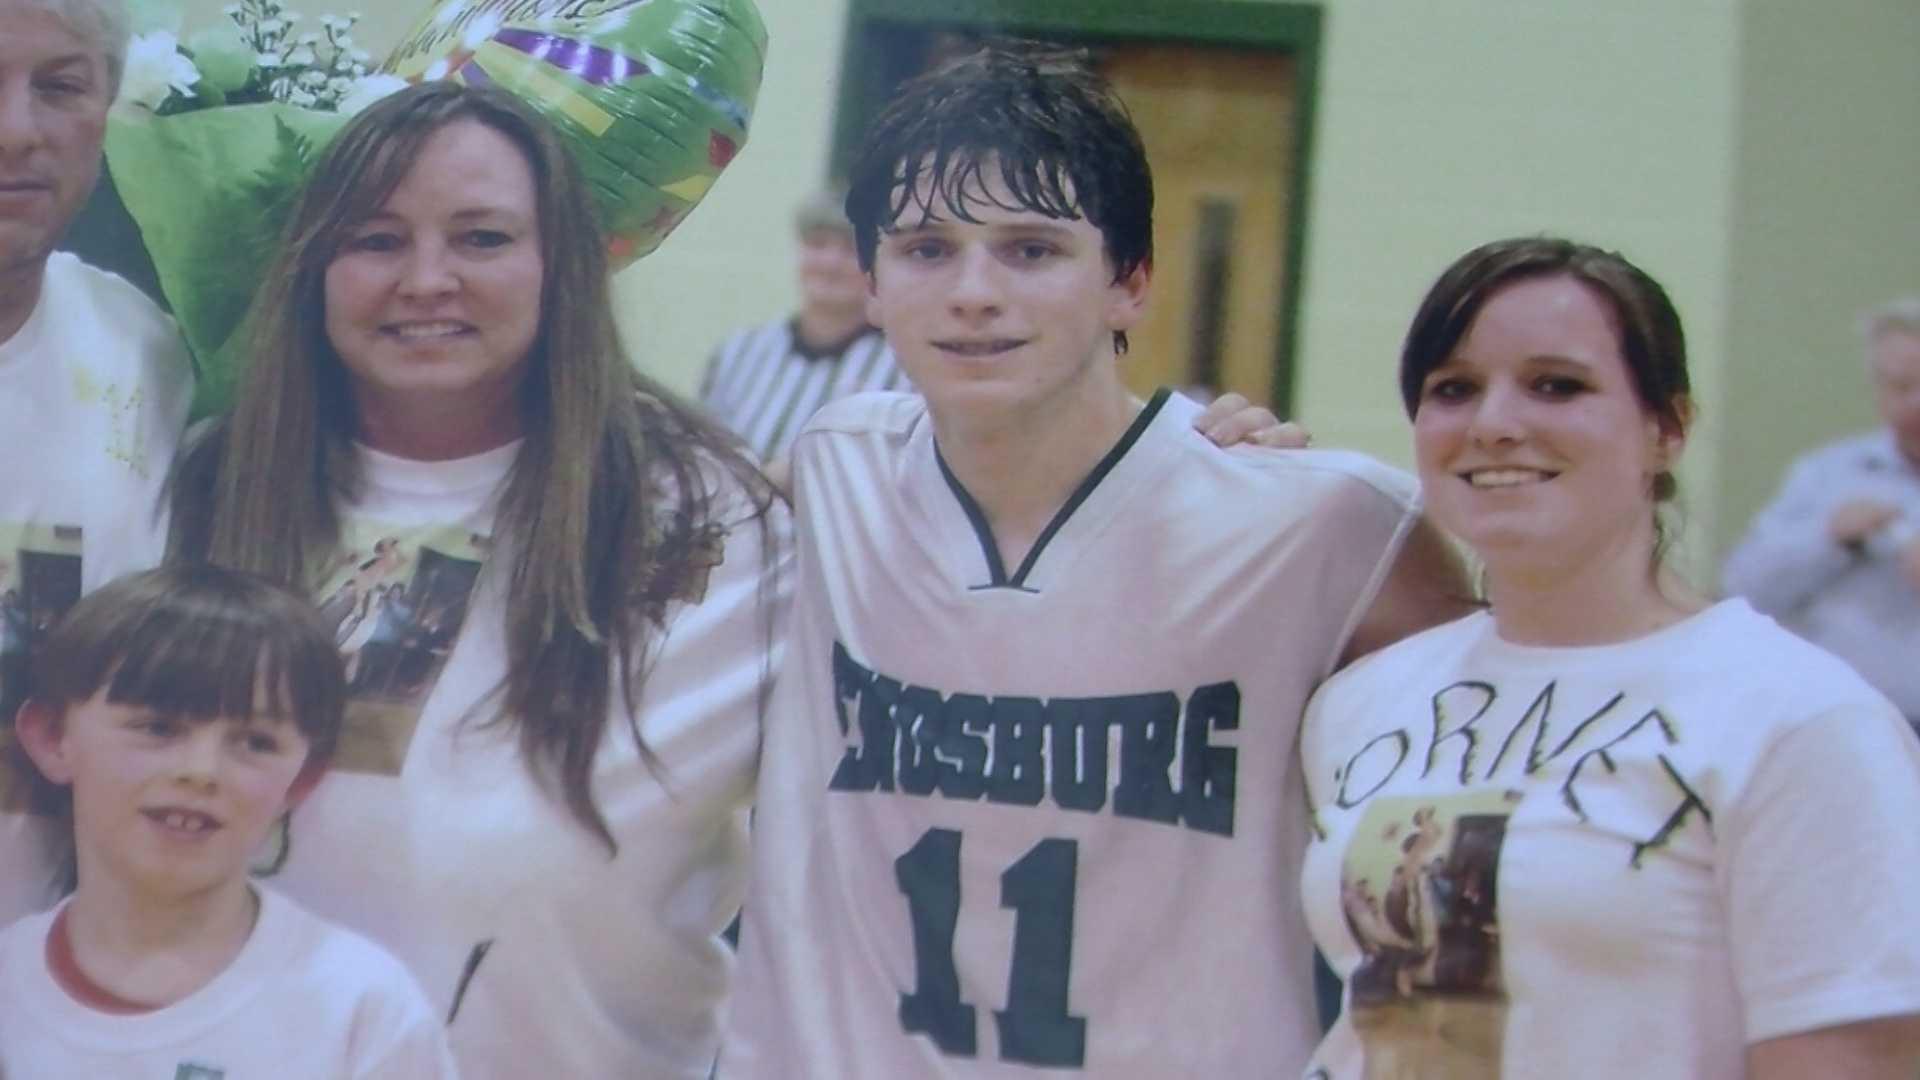 04-29-13 Friends, family remember Brandon Gleason, 17,- img